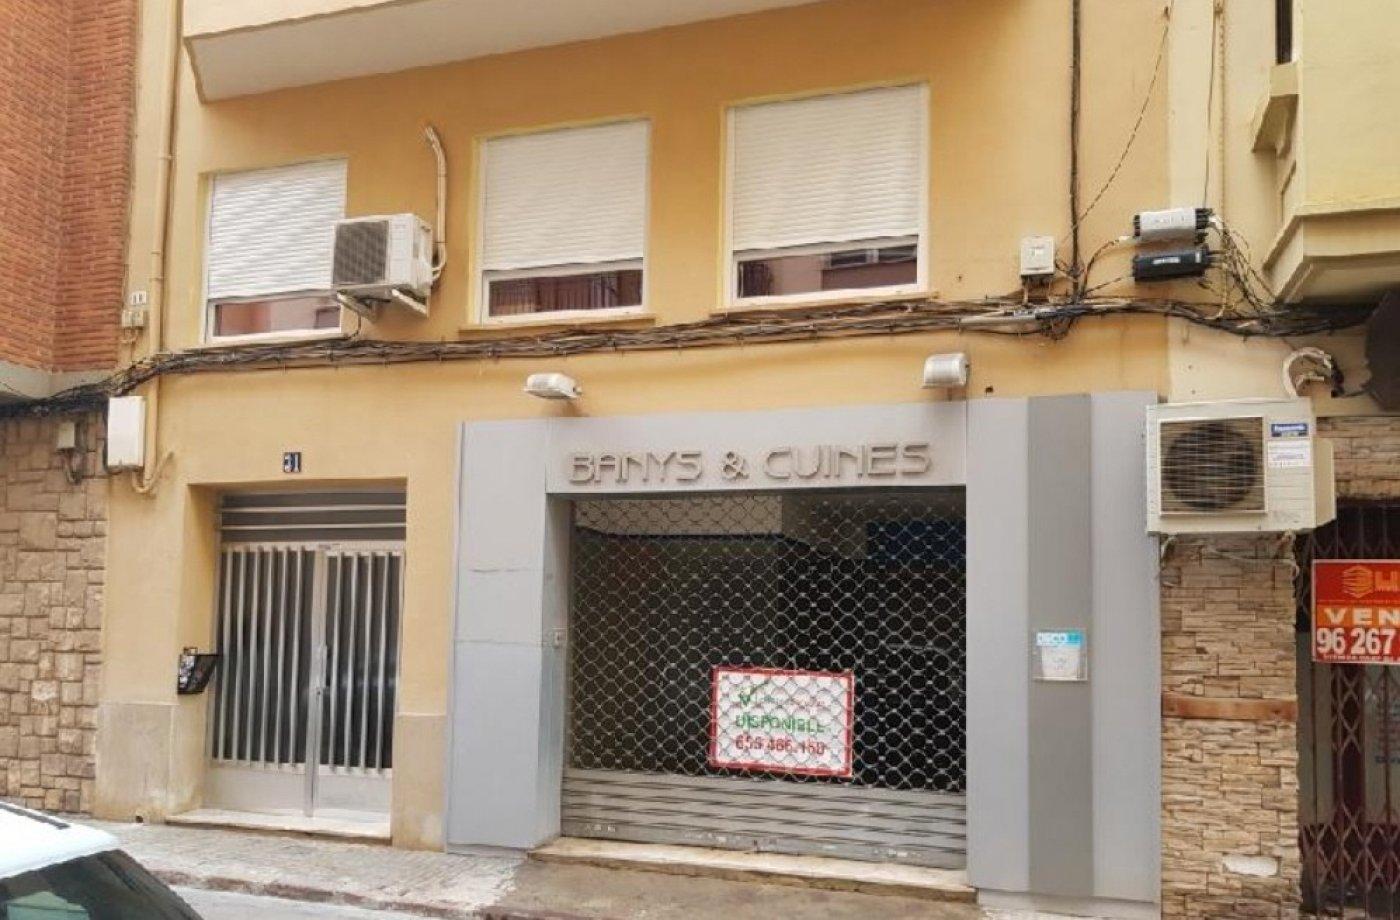 Local commercial  Sagunto ,zona centro. Local comercial